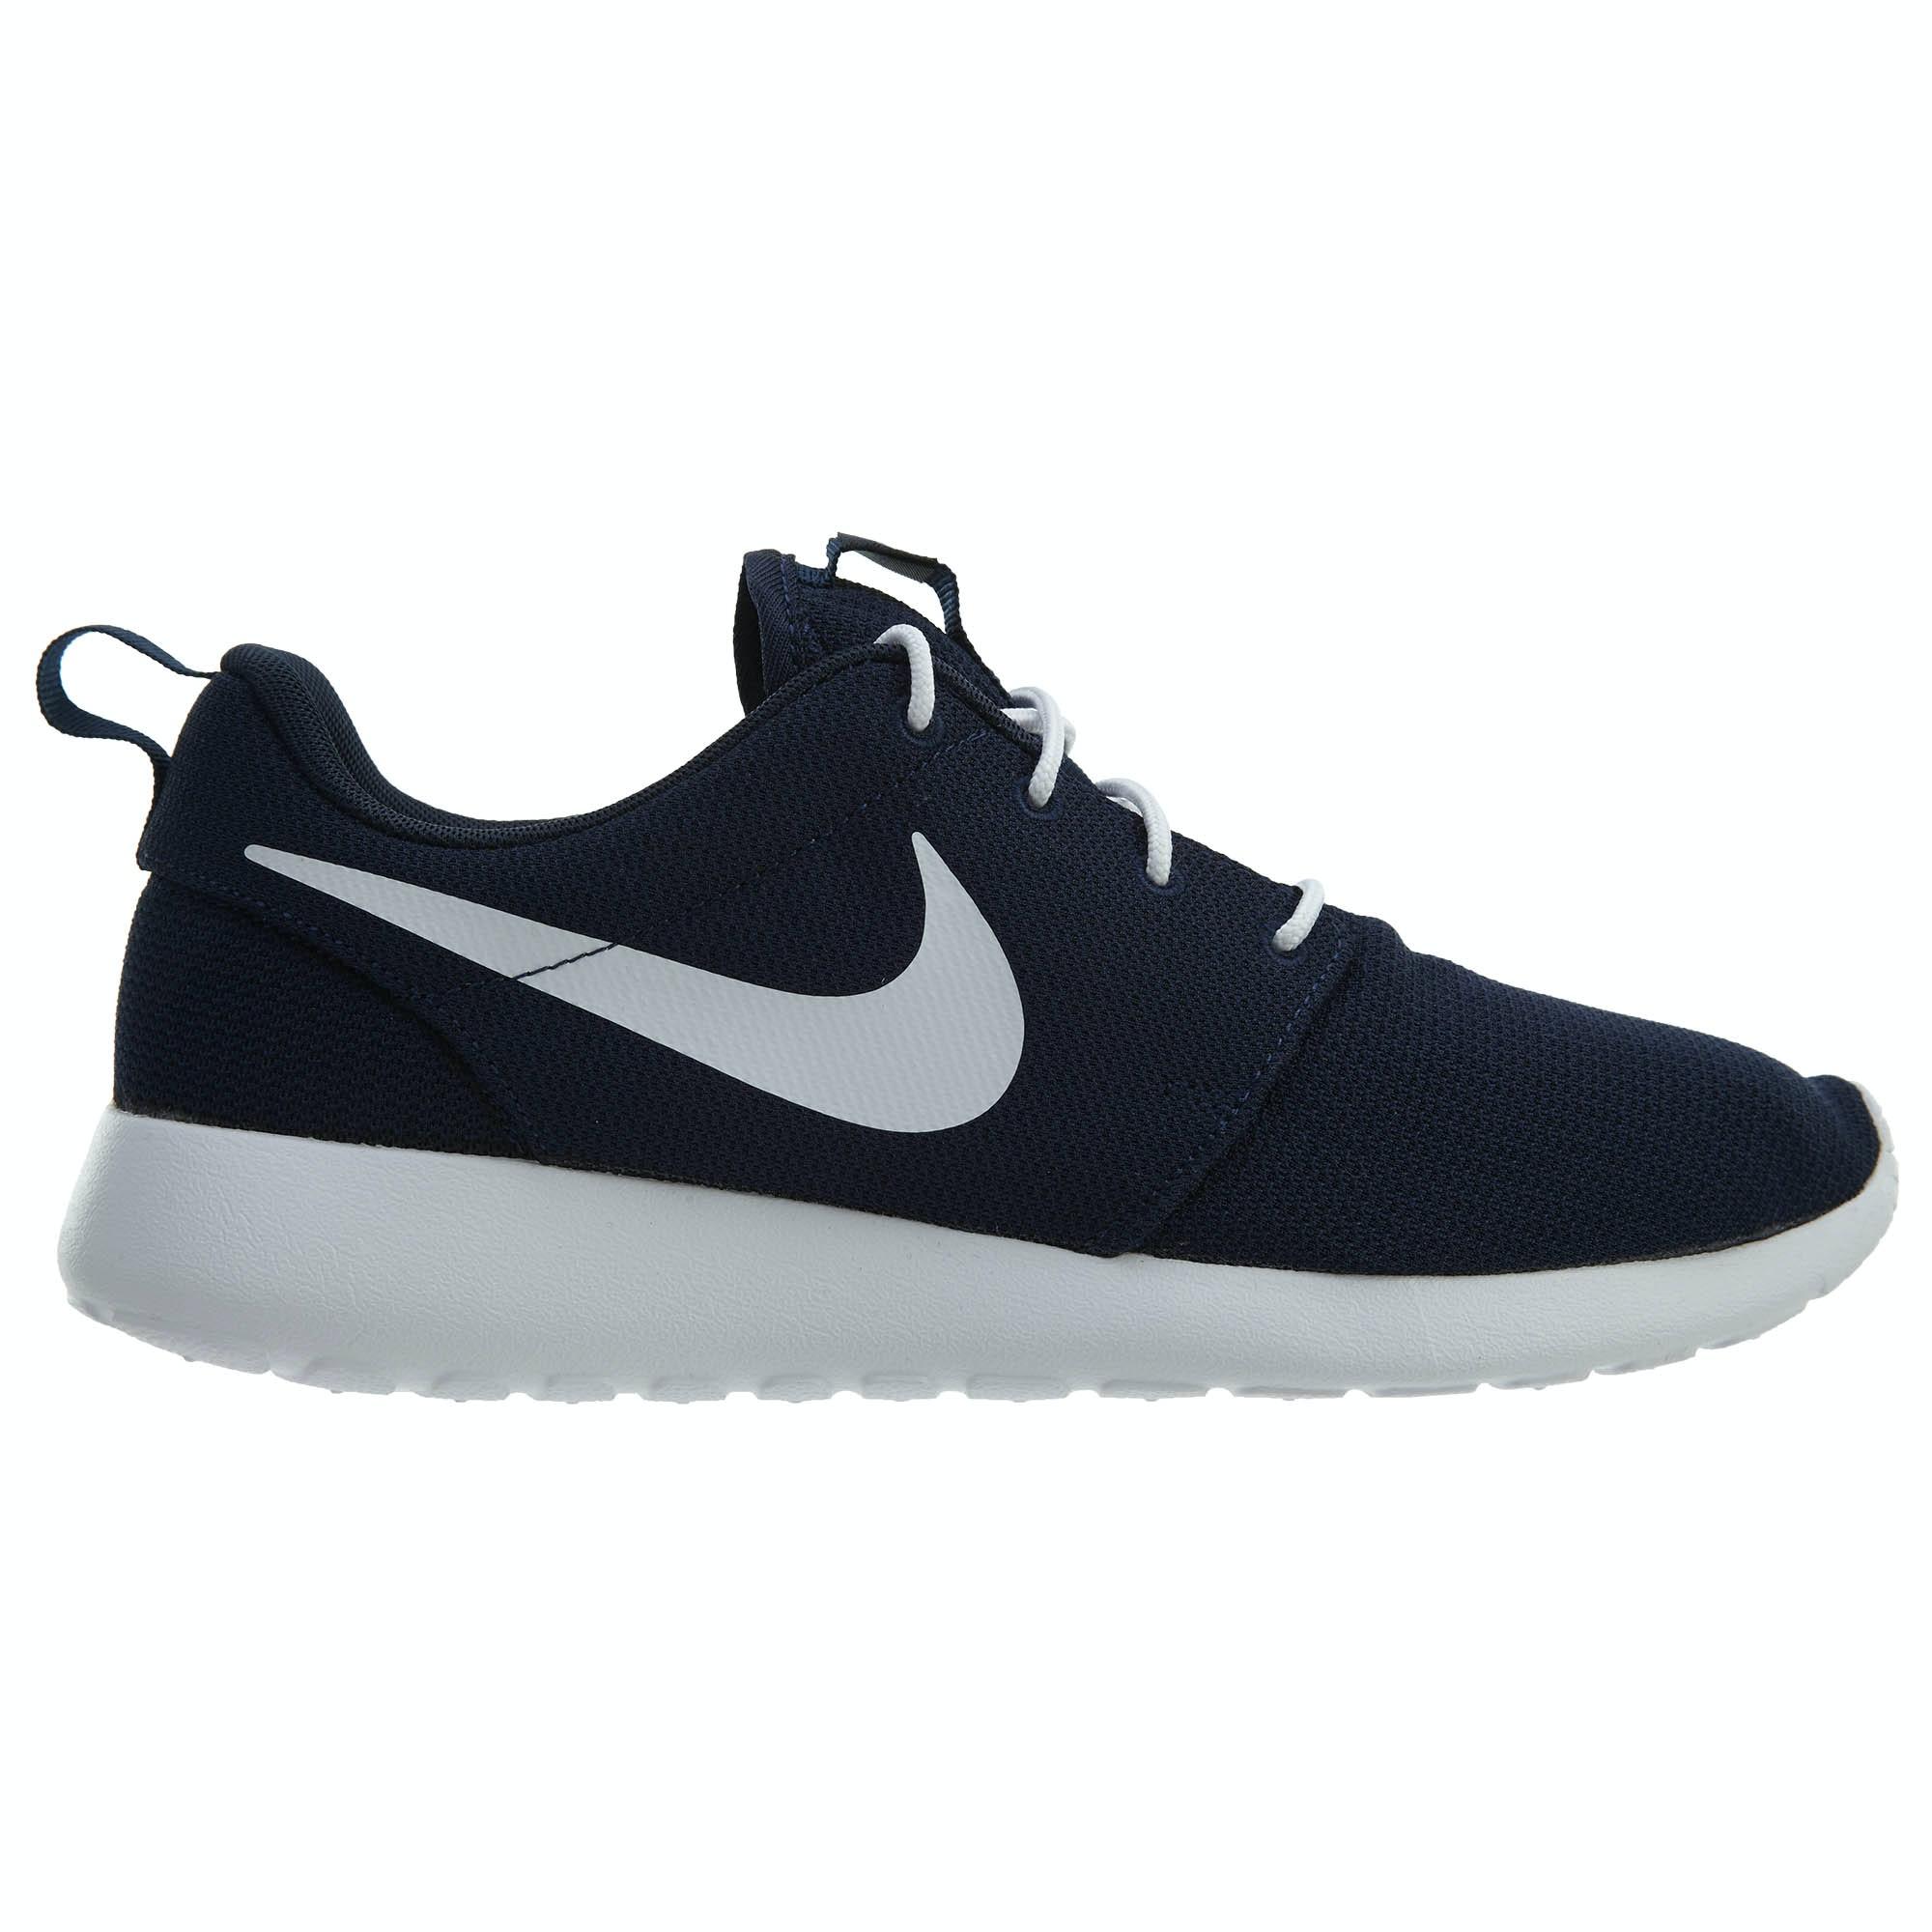 Nike Roshe One Obsidian White